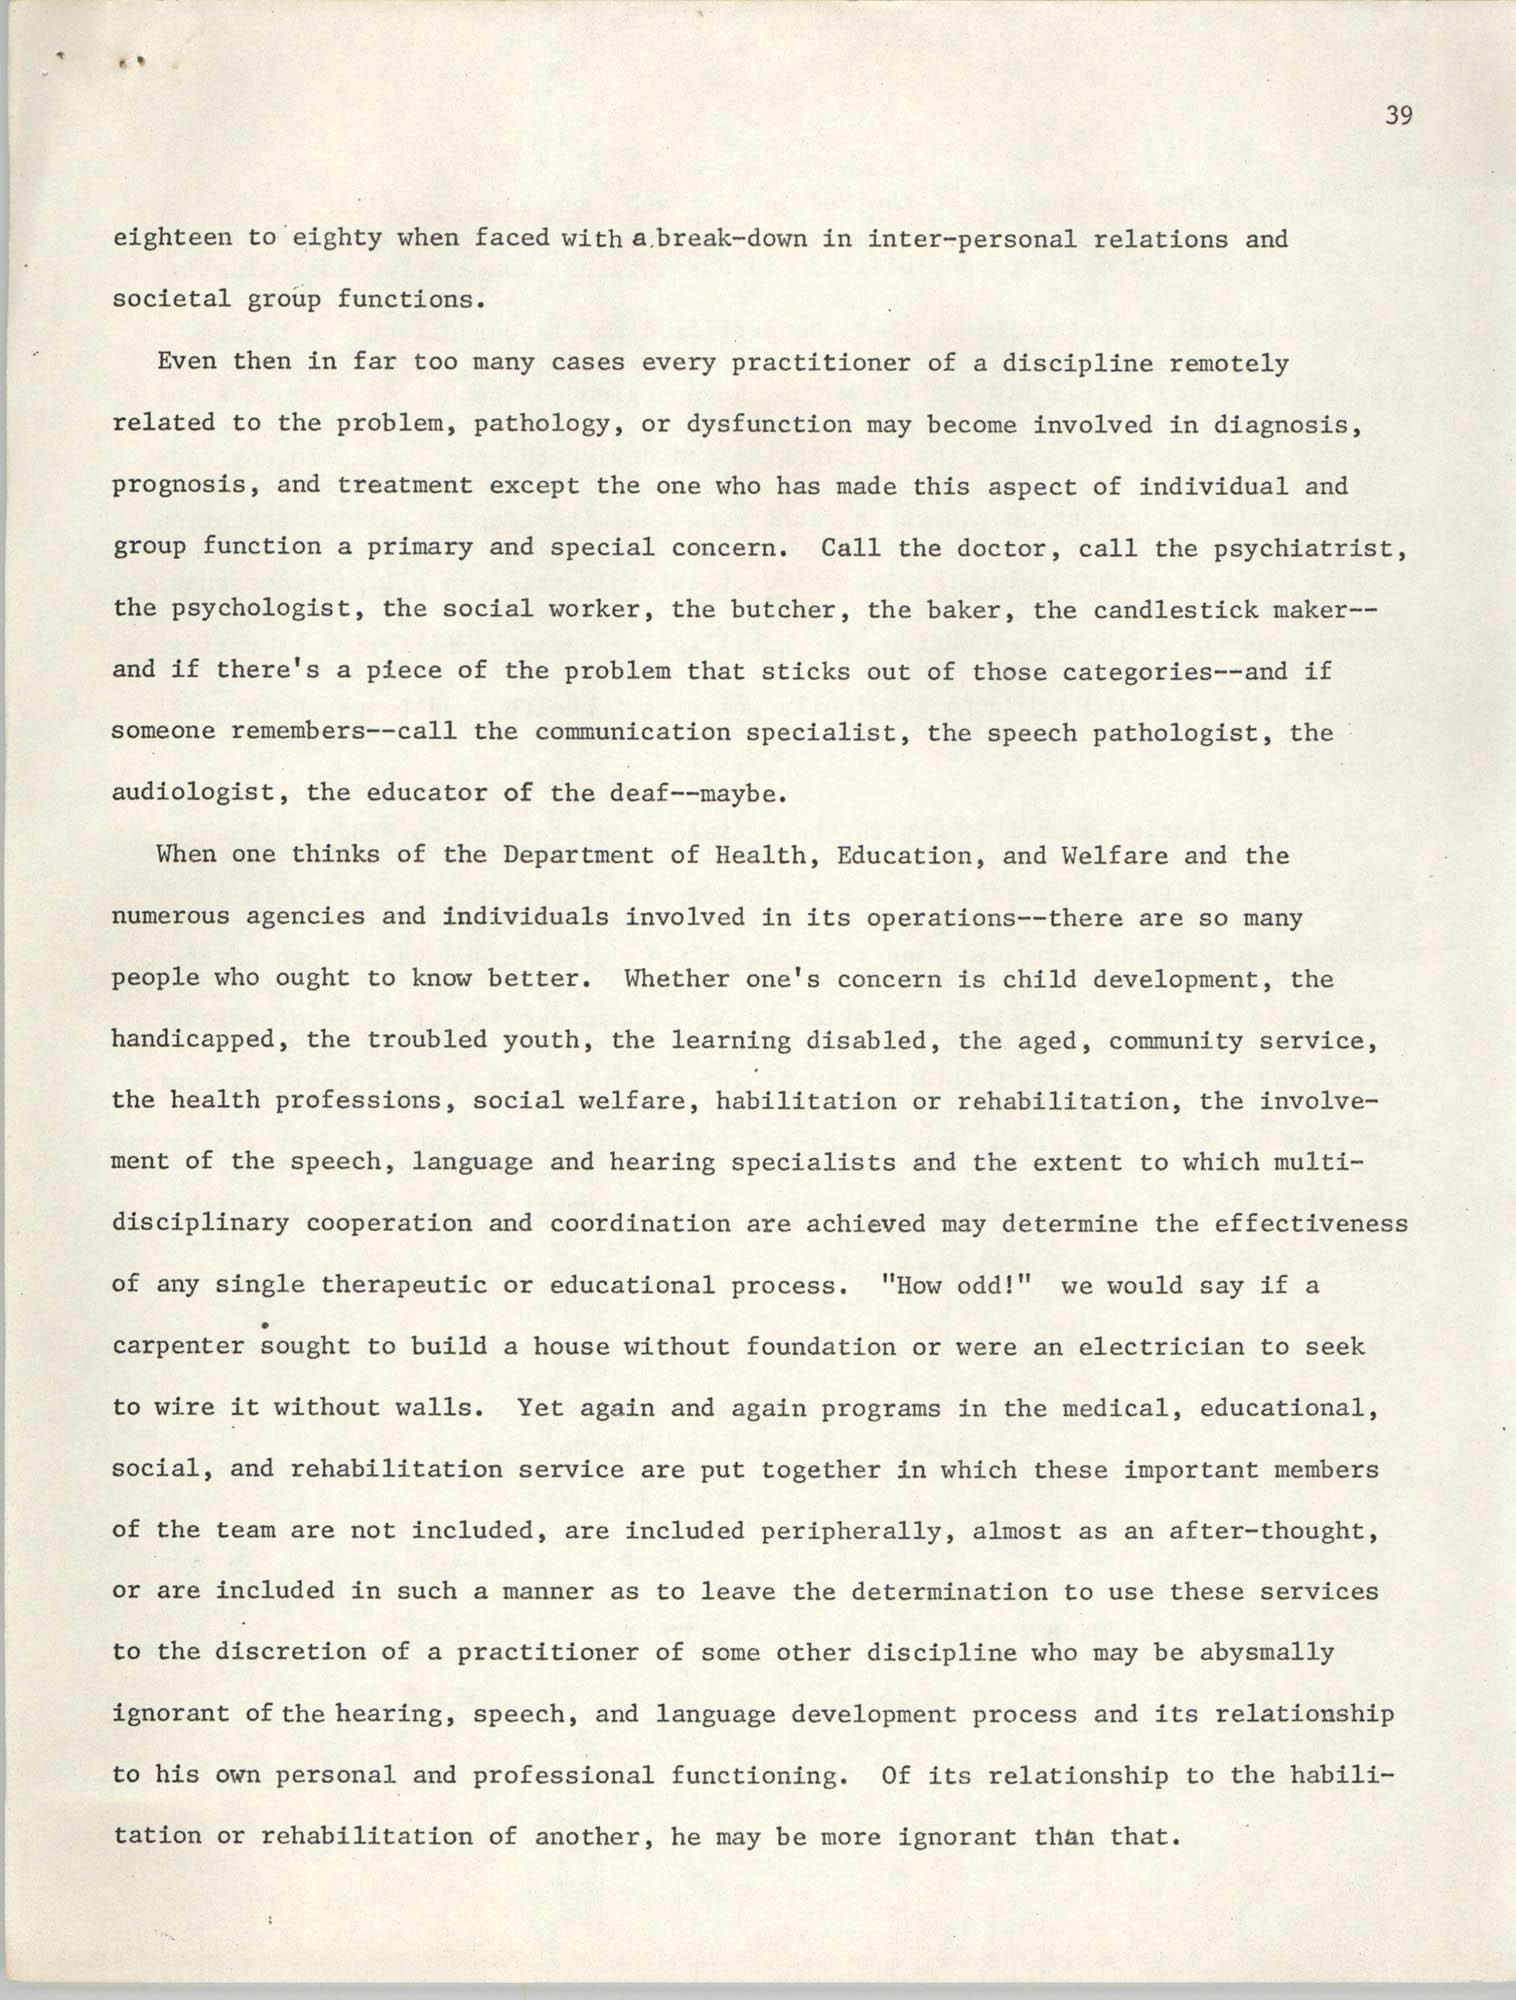 SHARE, Volume I, Number 8, April 1973, Page 39